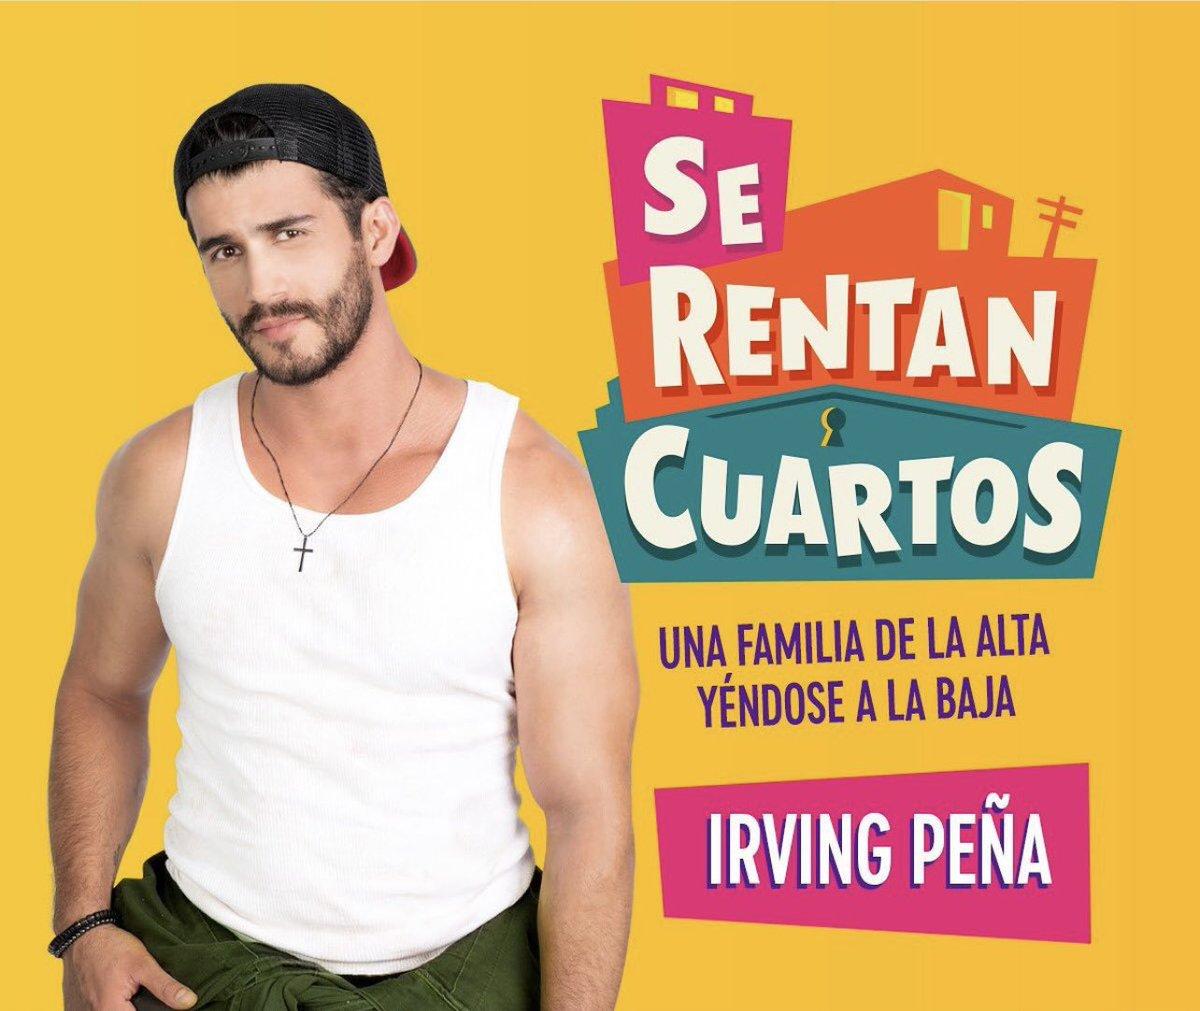 👩❤️👨 Romance, mucha comedia y una familia que termina en bancarrota... 💸  📺 En #SeRentanCuartos encontrarás todo eso y más  Solo por @ComedyCentralLA https://t.co/69u0ApGRho